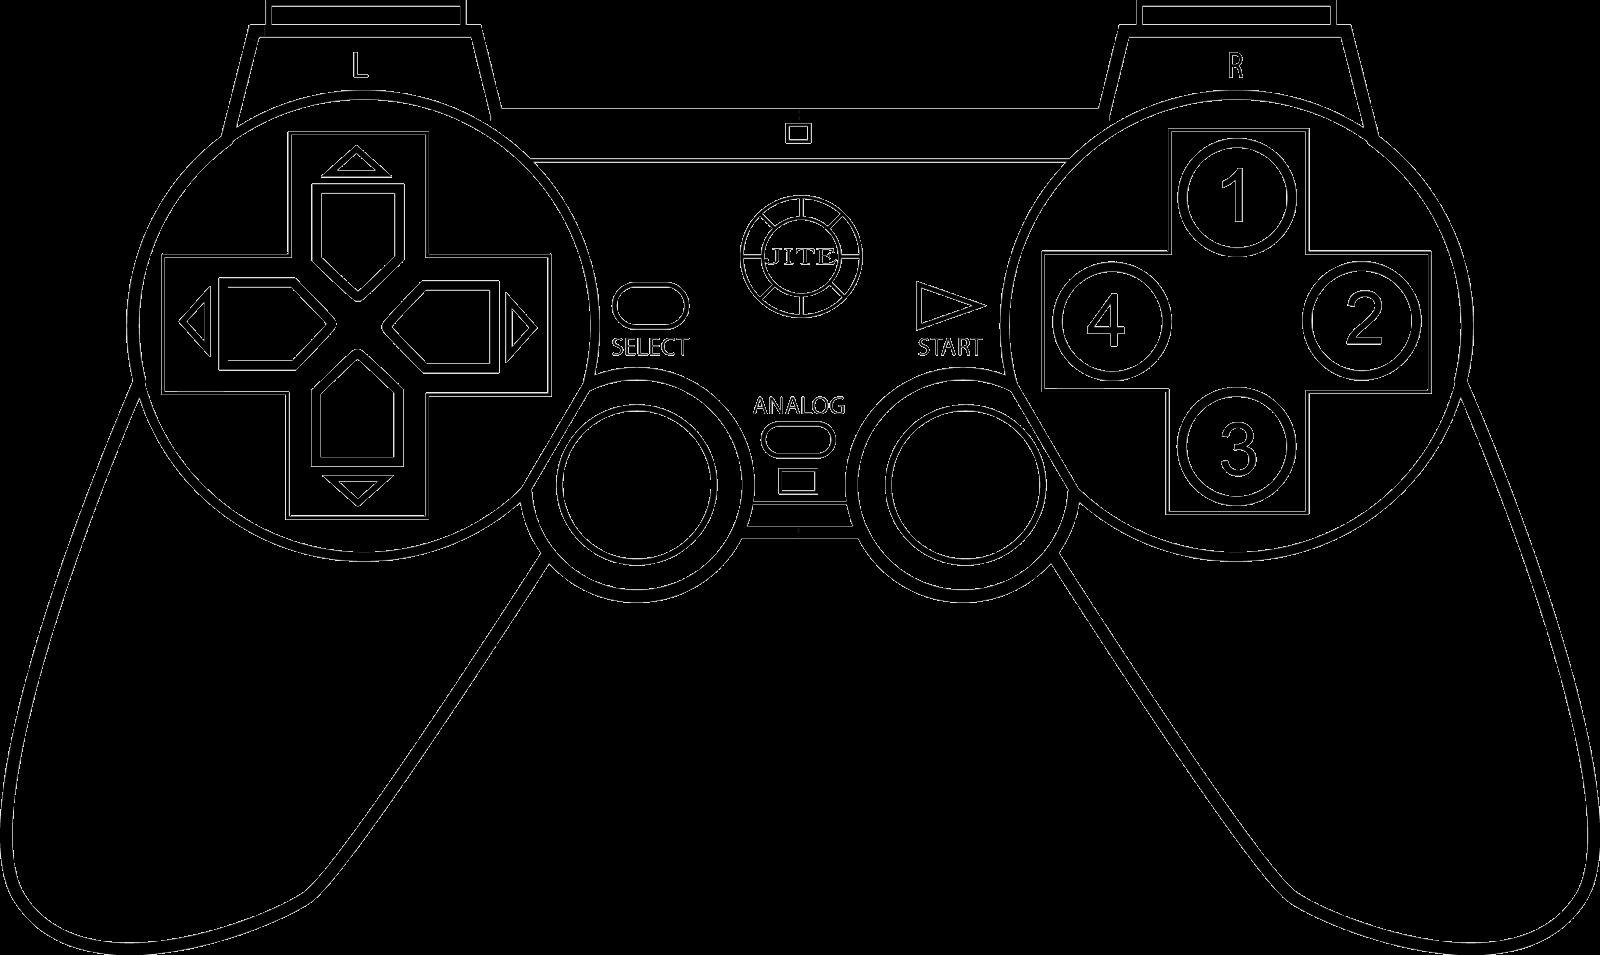 Dibujo De Consola De Juego Para Colorear: Game Controller Coloring Page Sketch Coloring Page